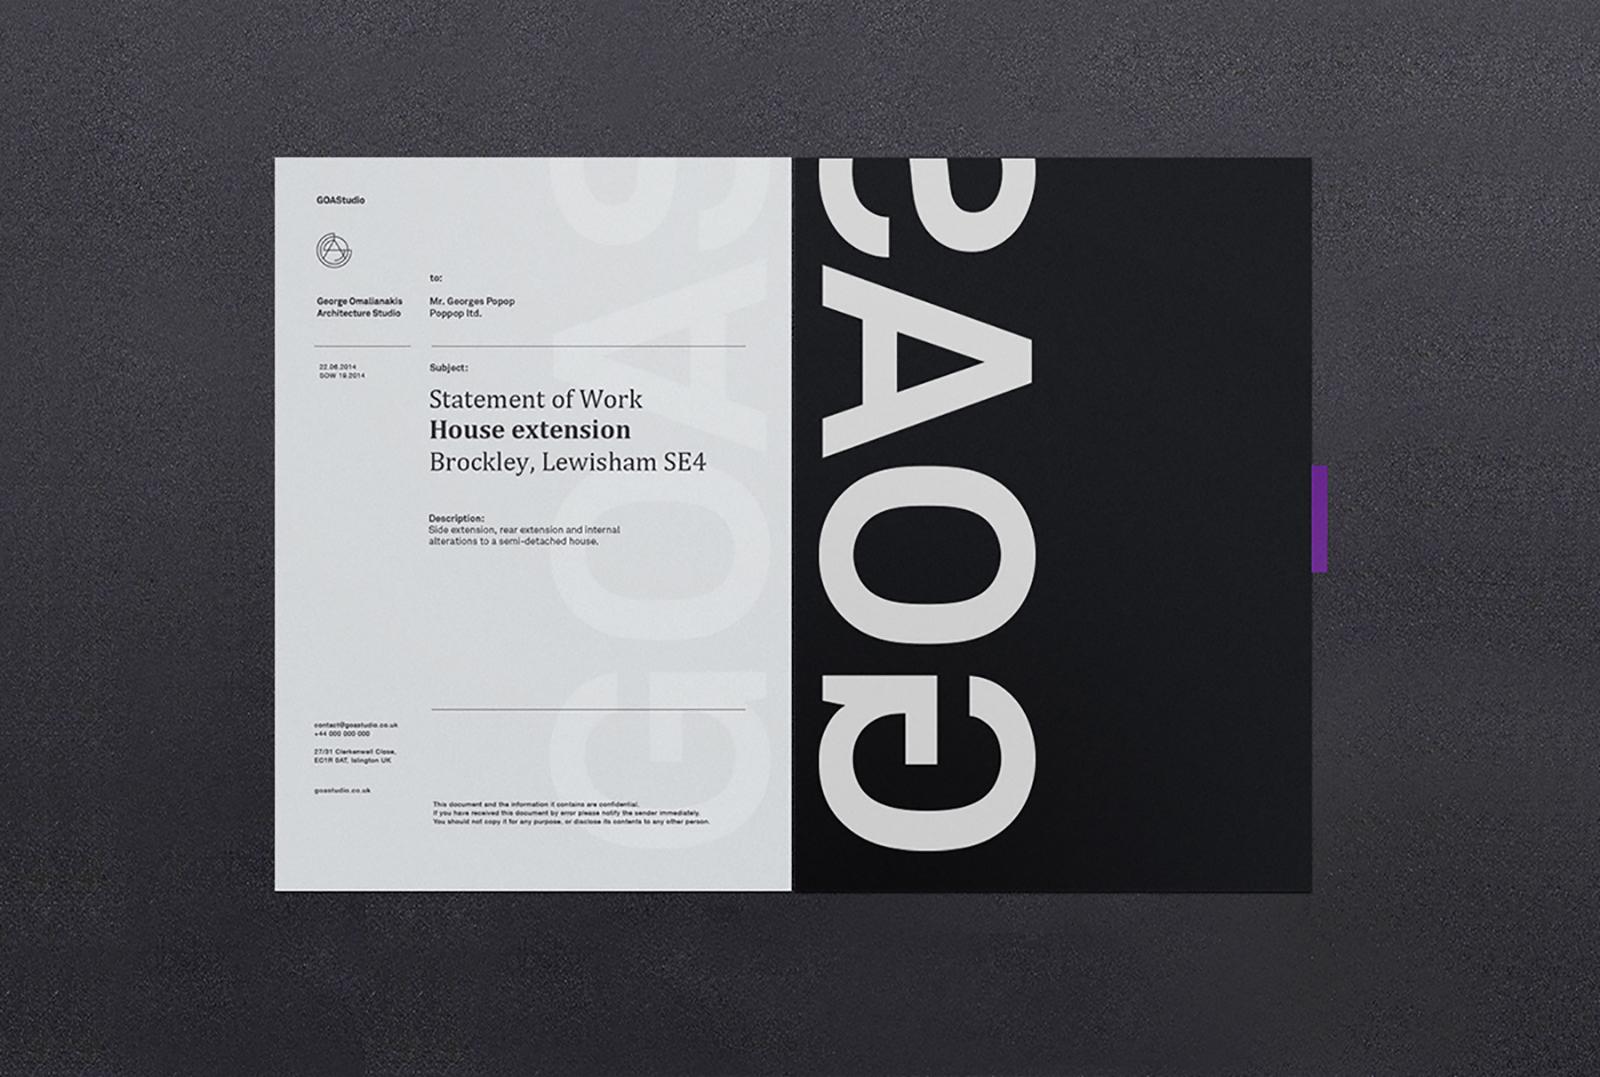 GOAS工作室品牌视觉VI形象设计欣赏-深圳VI设计4